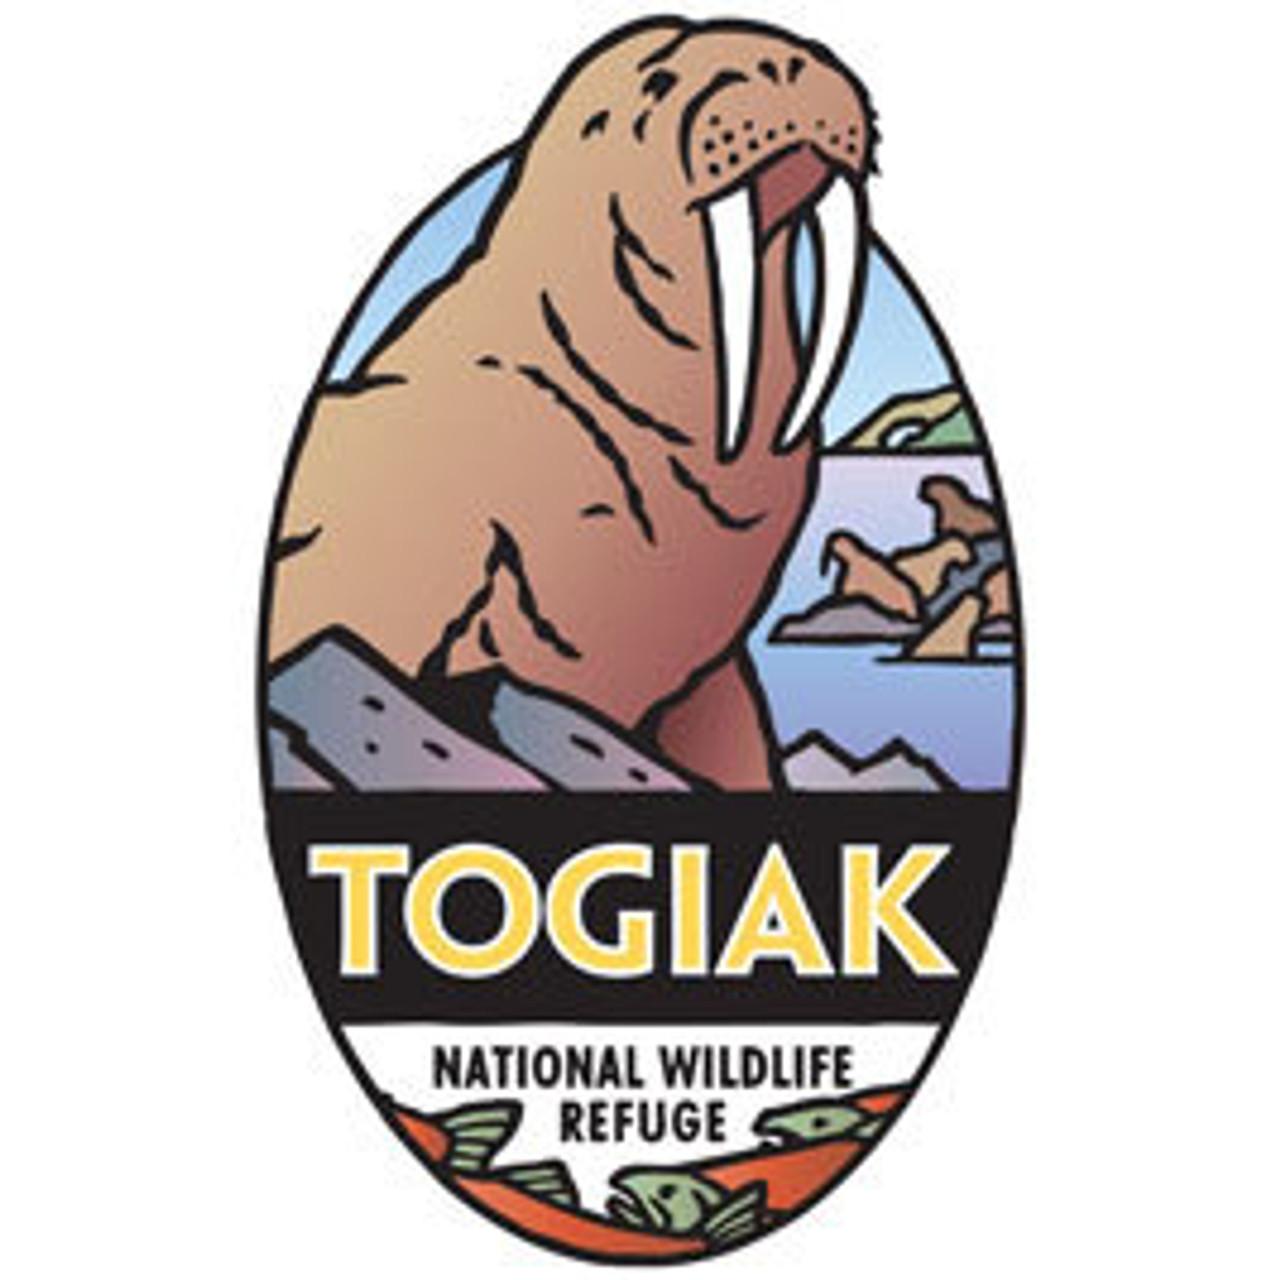 Togiak National Wildlife Refuge